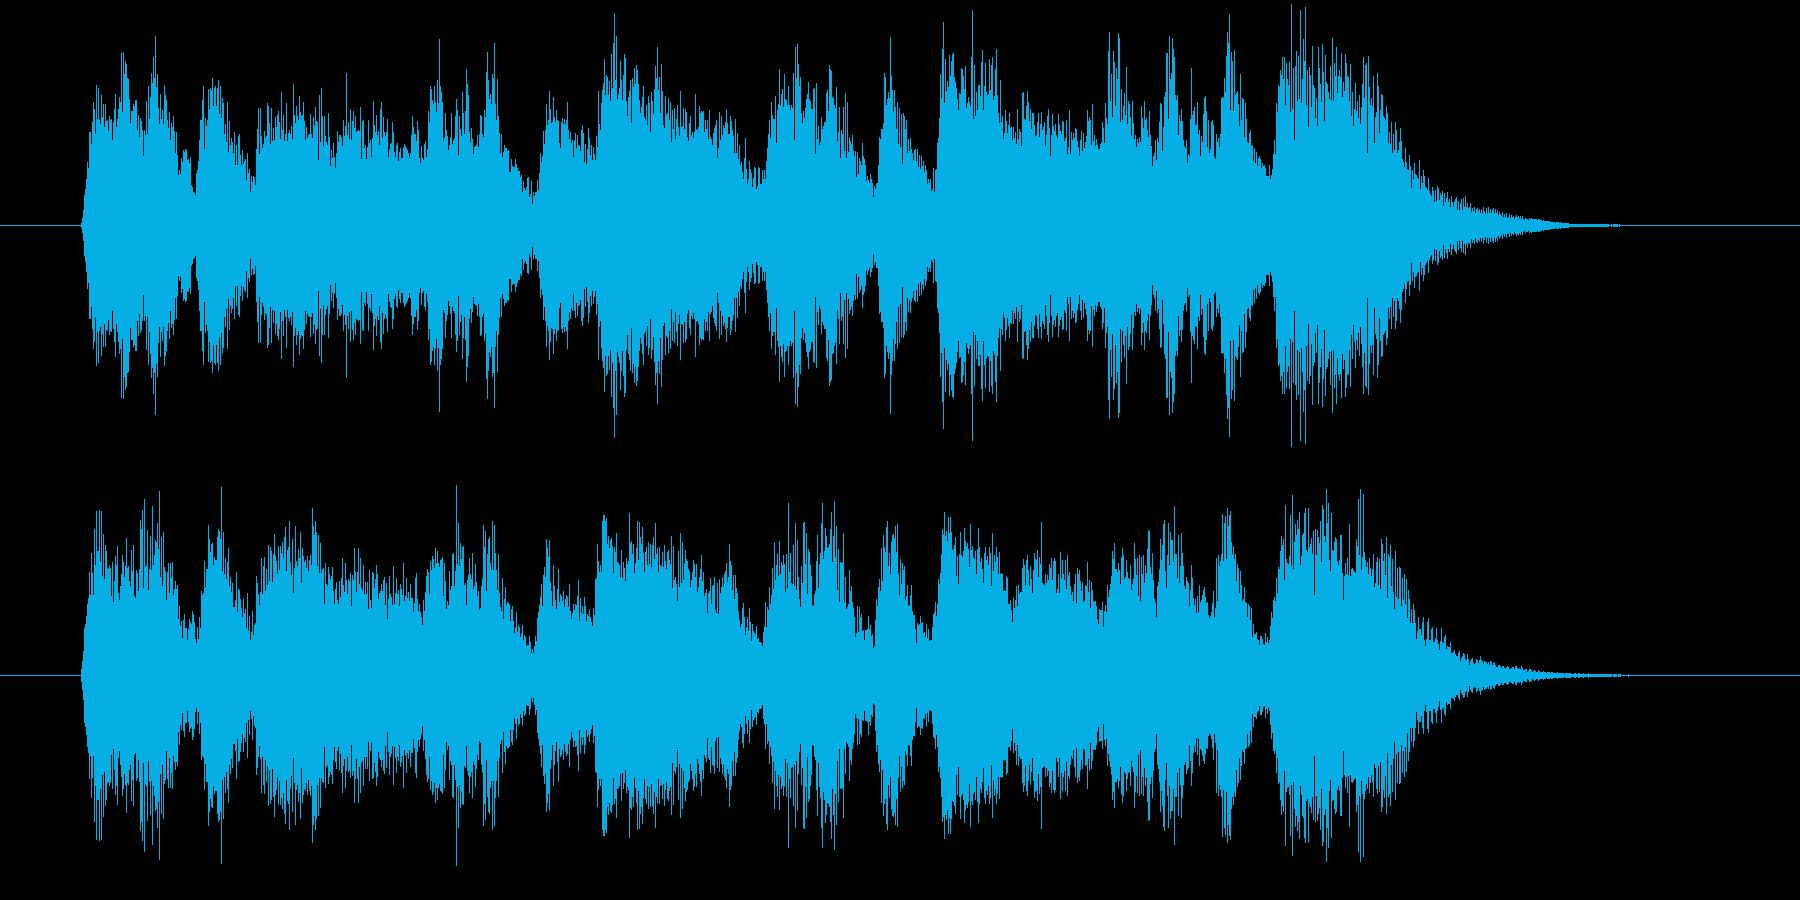 豪華で美しいシンセオルガンサウンドの再生済みの波形